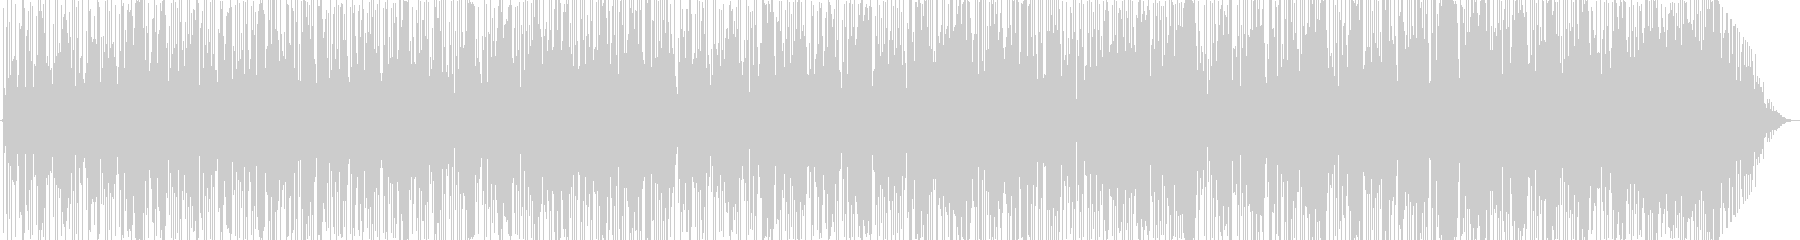 米国人シンガーによるソウルフルなR&Bの未再生の波形